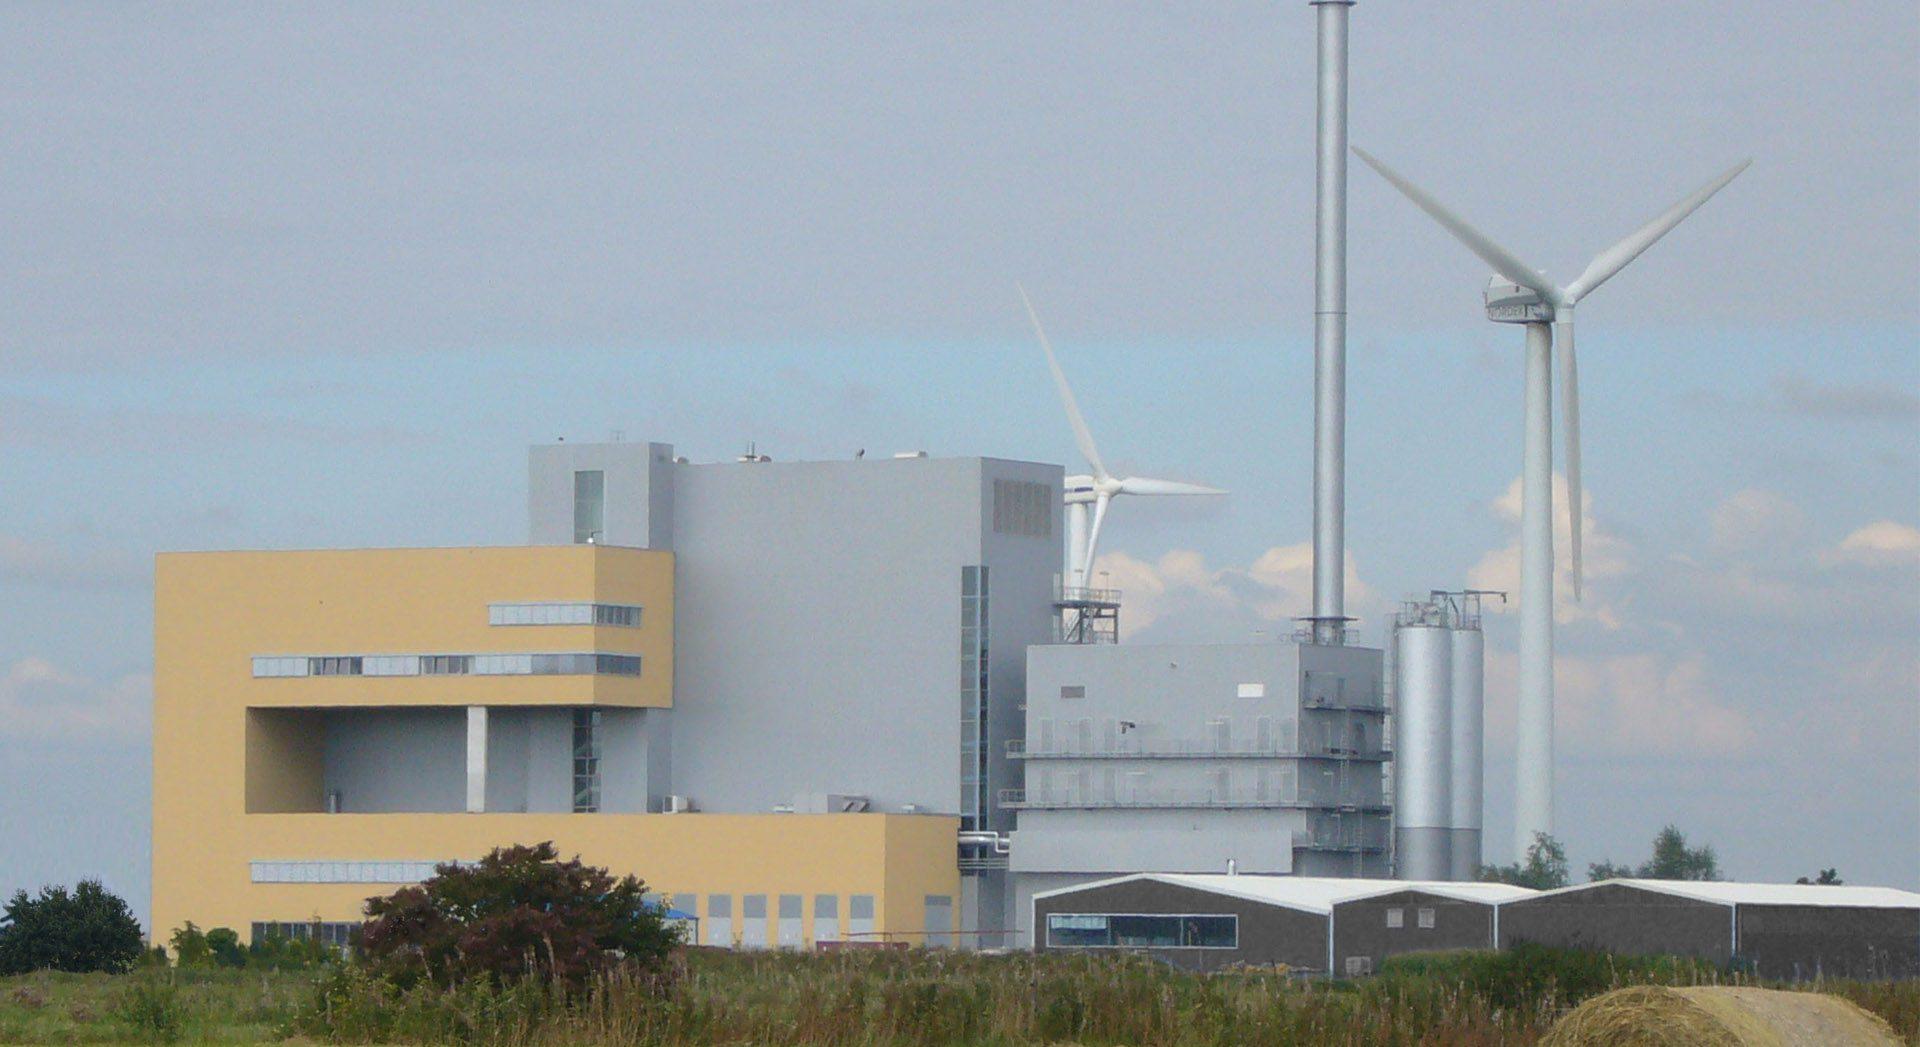 Industriearchitektur; Gewerbearchitektur; Kraftwerk Weener; Weener; Kraftwerk; Weener Industrie-Energie;